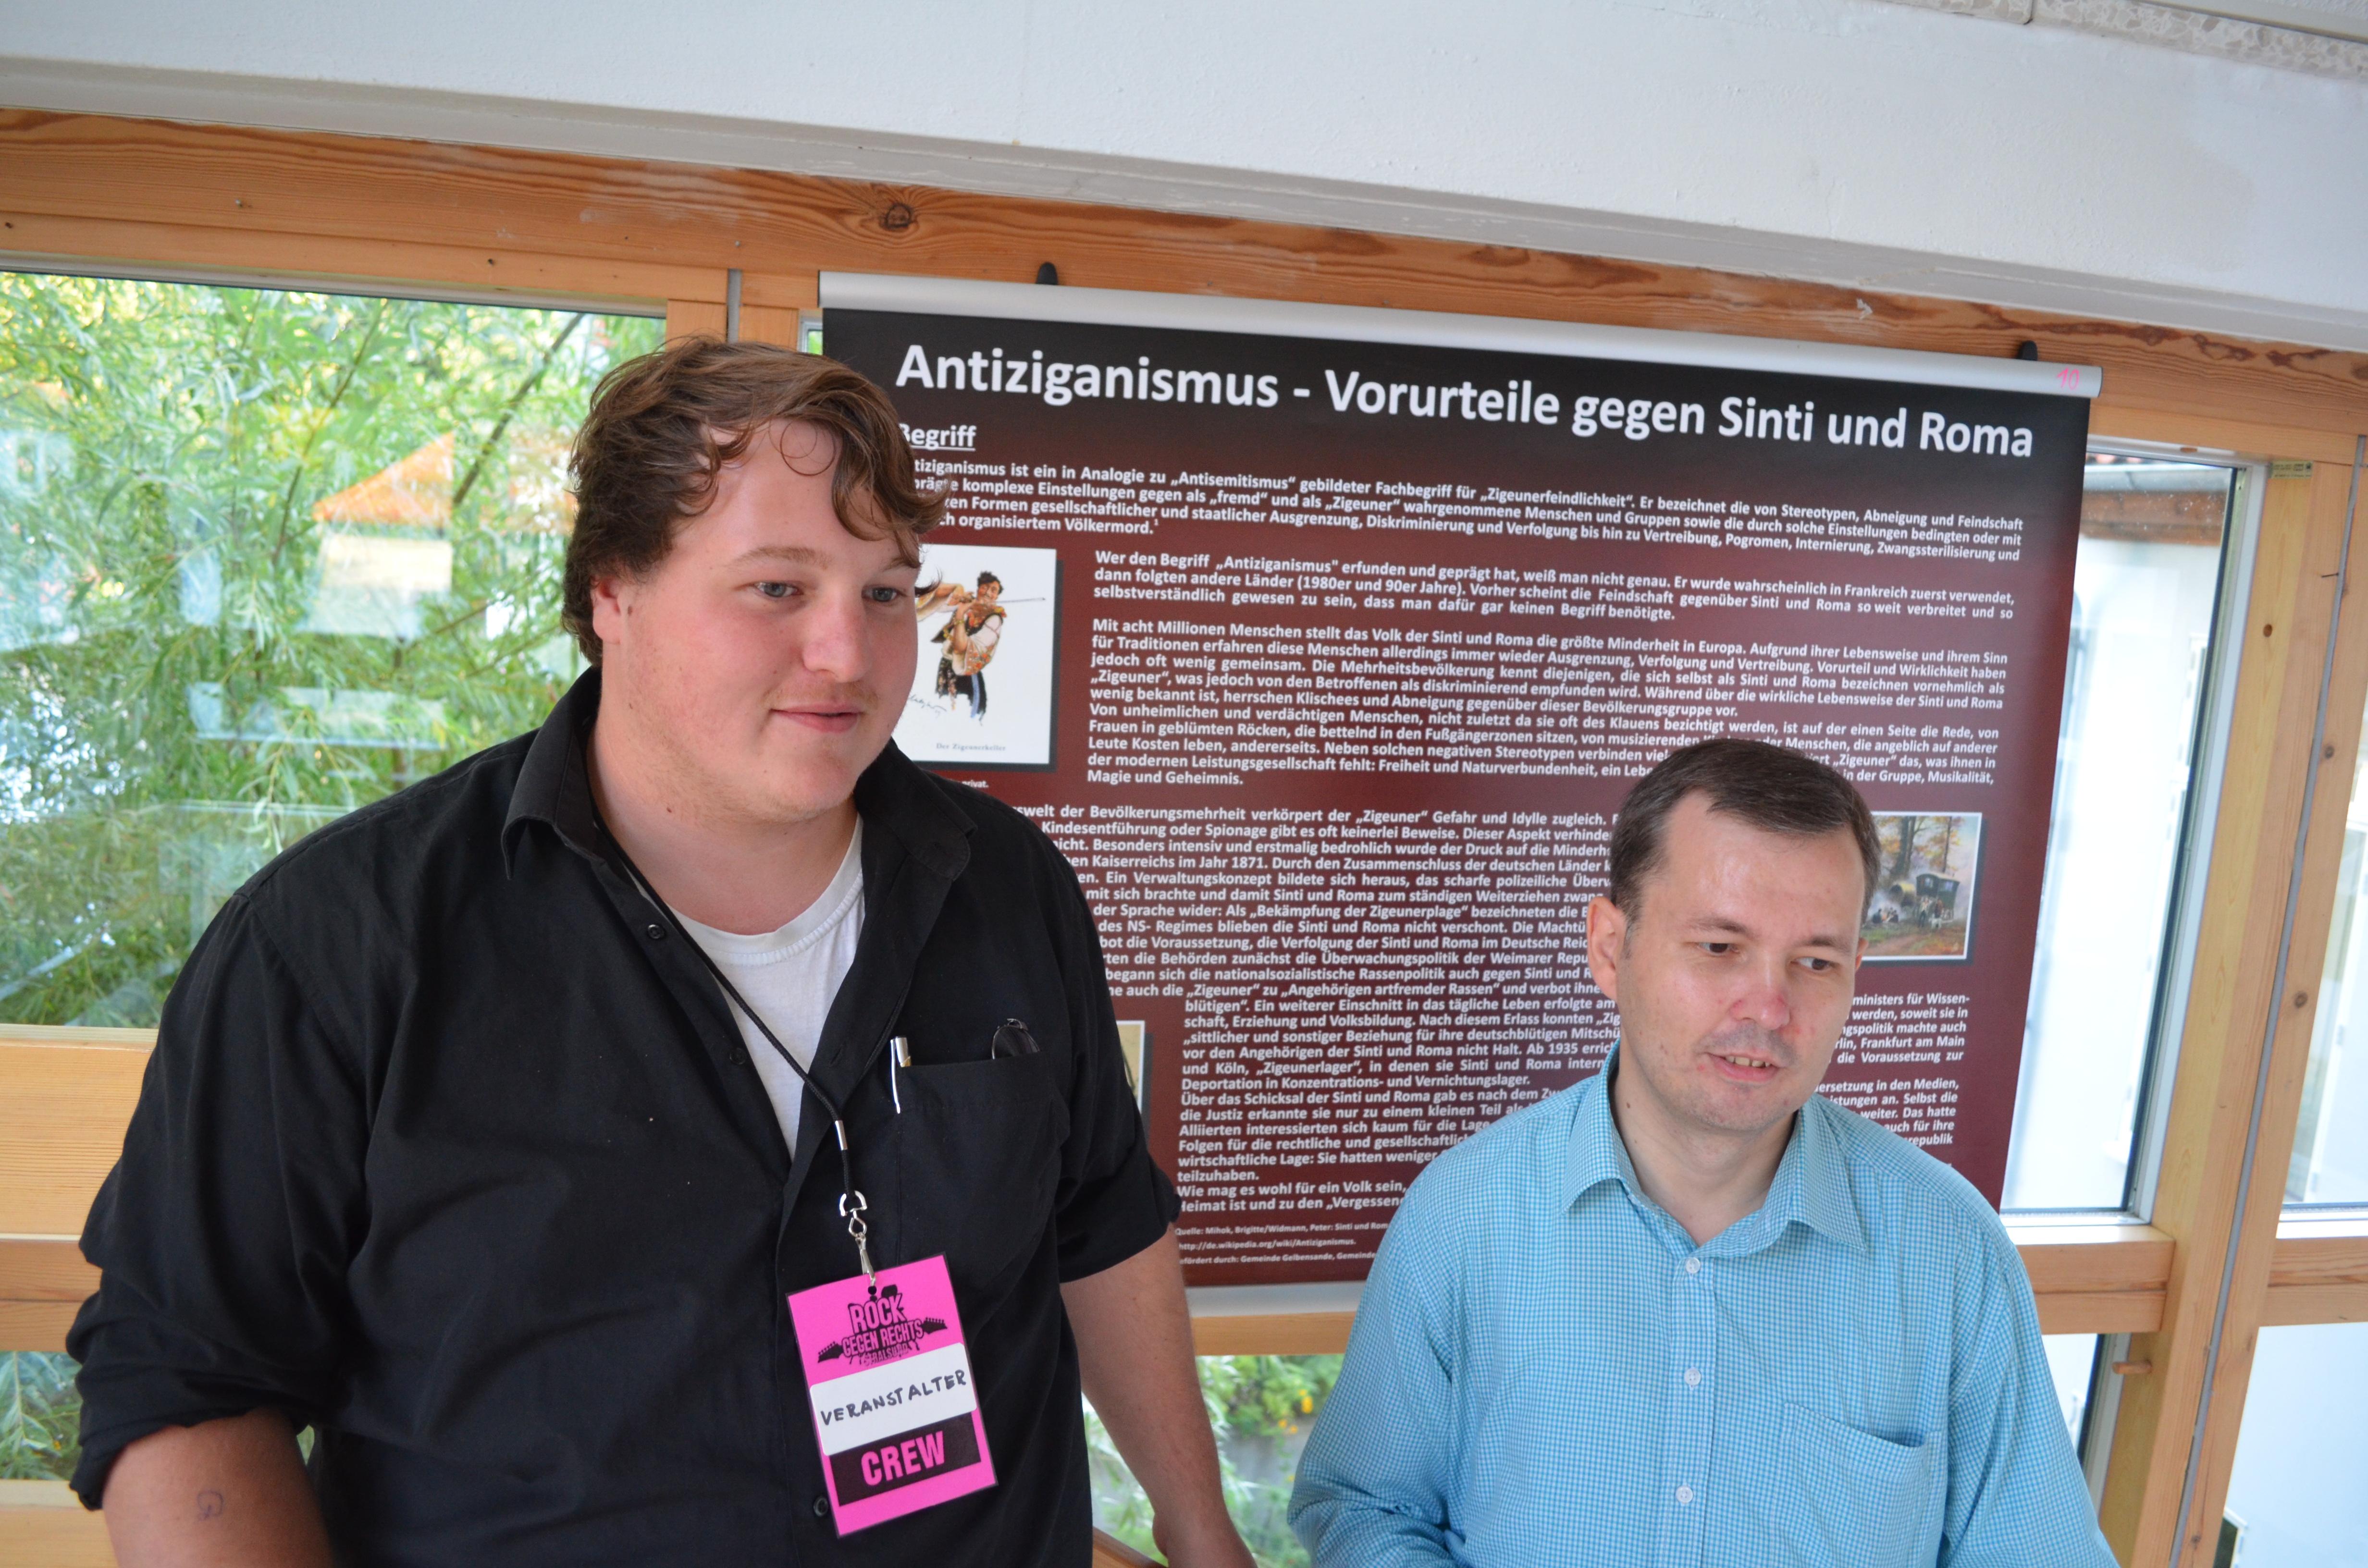 Ausstellung&Vortrag: Förderung der selbstverwalteten Jugendarbeit sehr wichtig